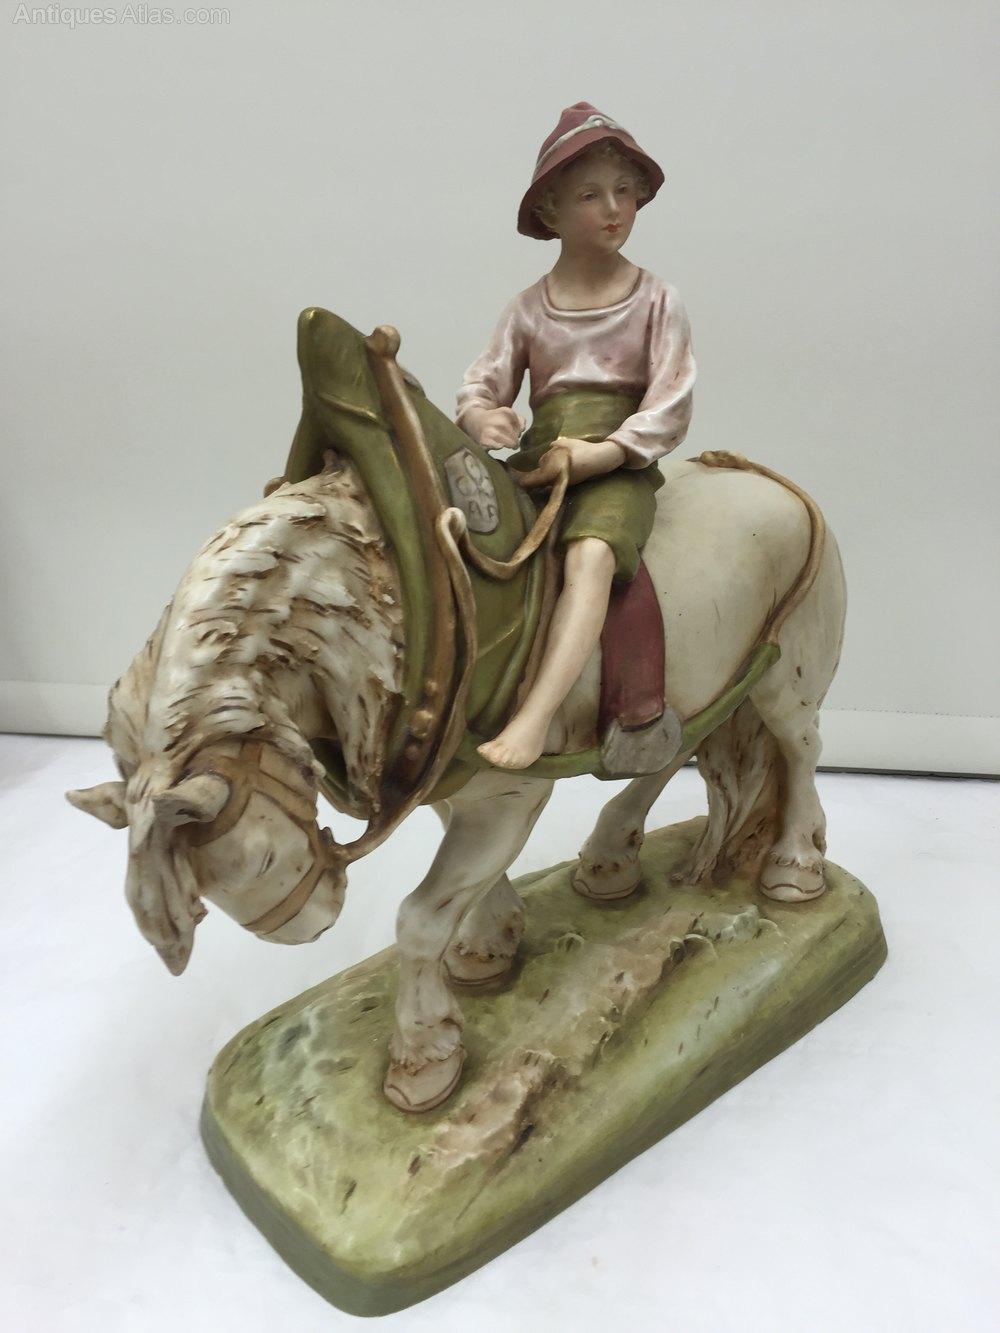 Antiques Atlas Large Royal Dux Porcelain Figurine Shire